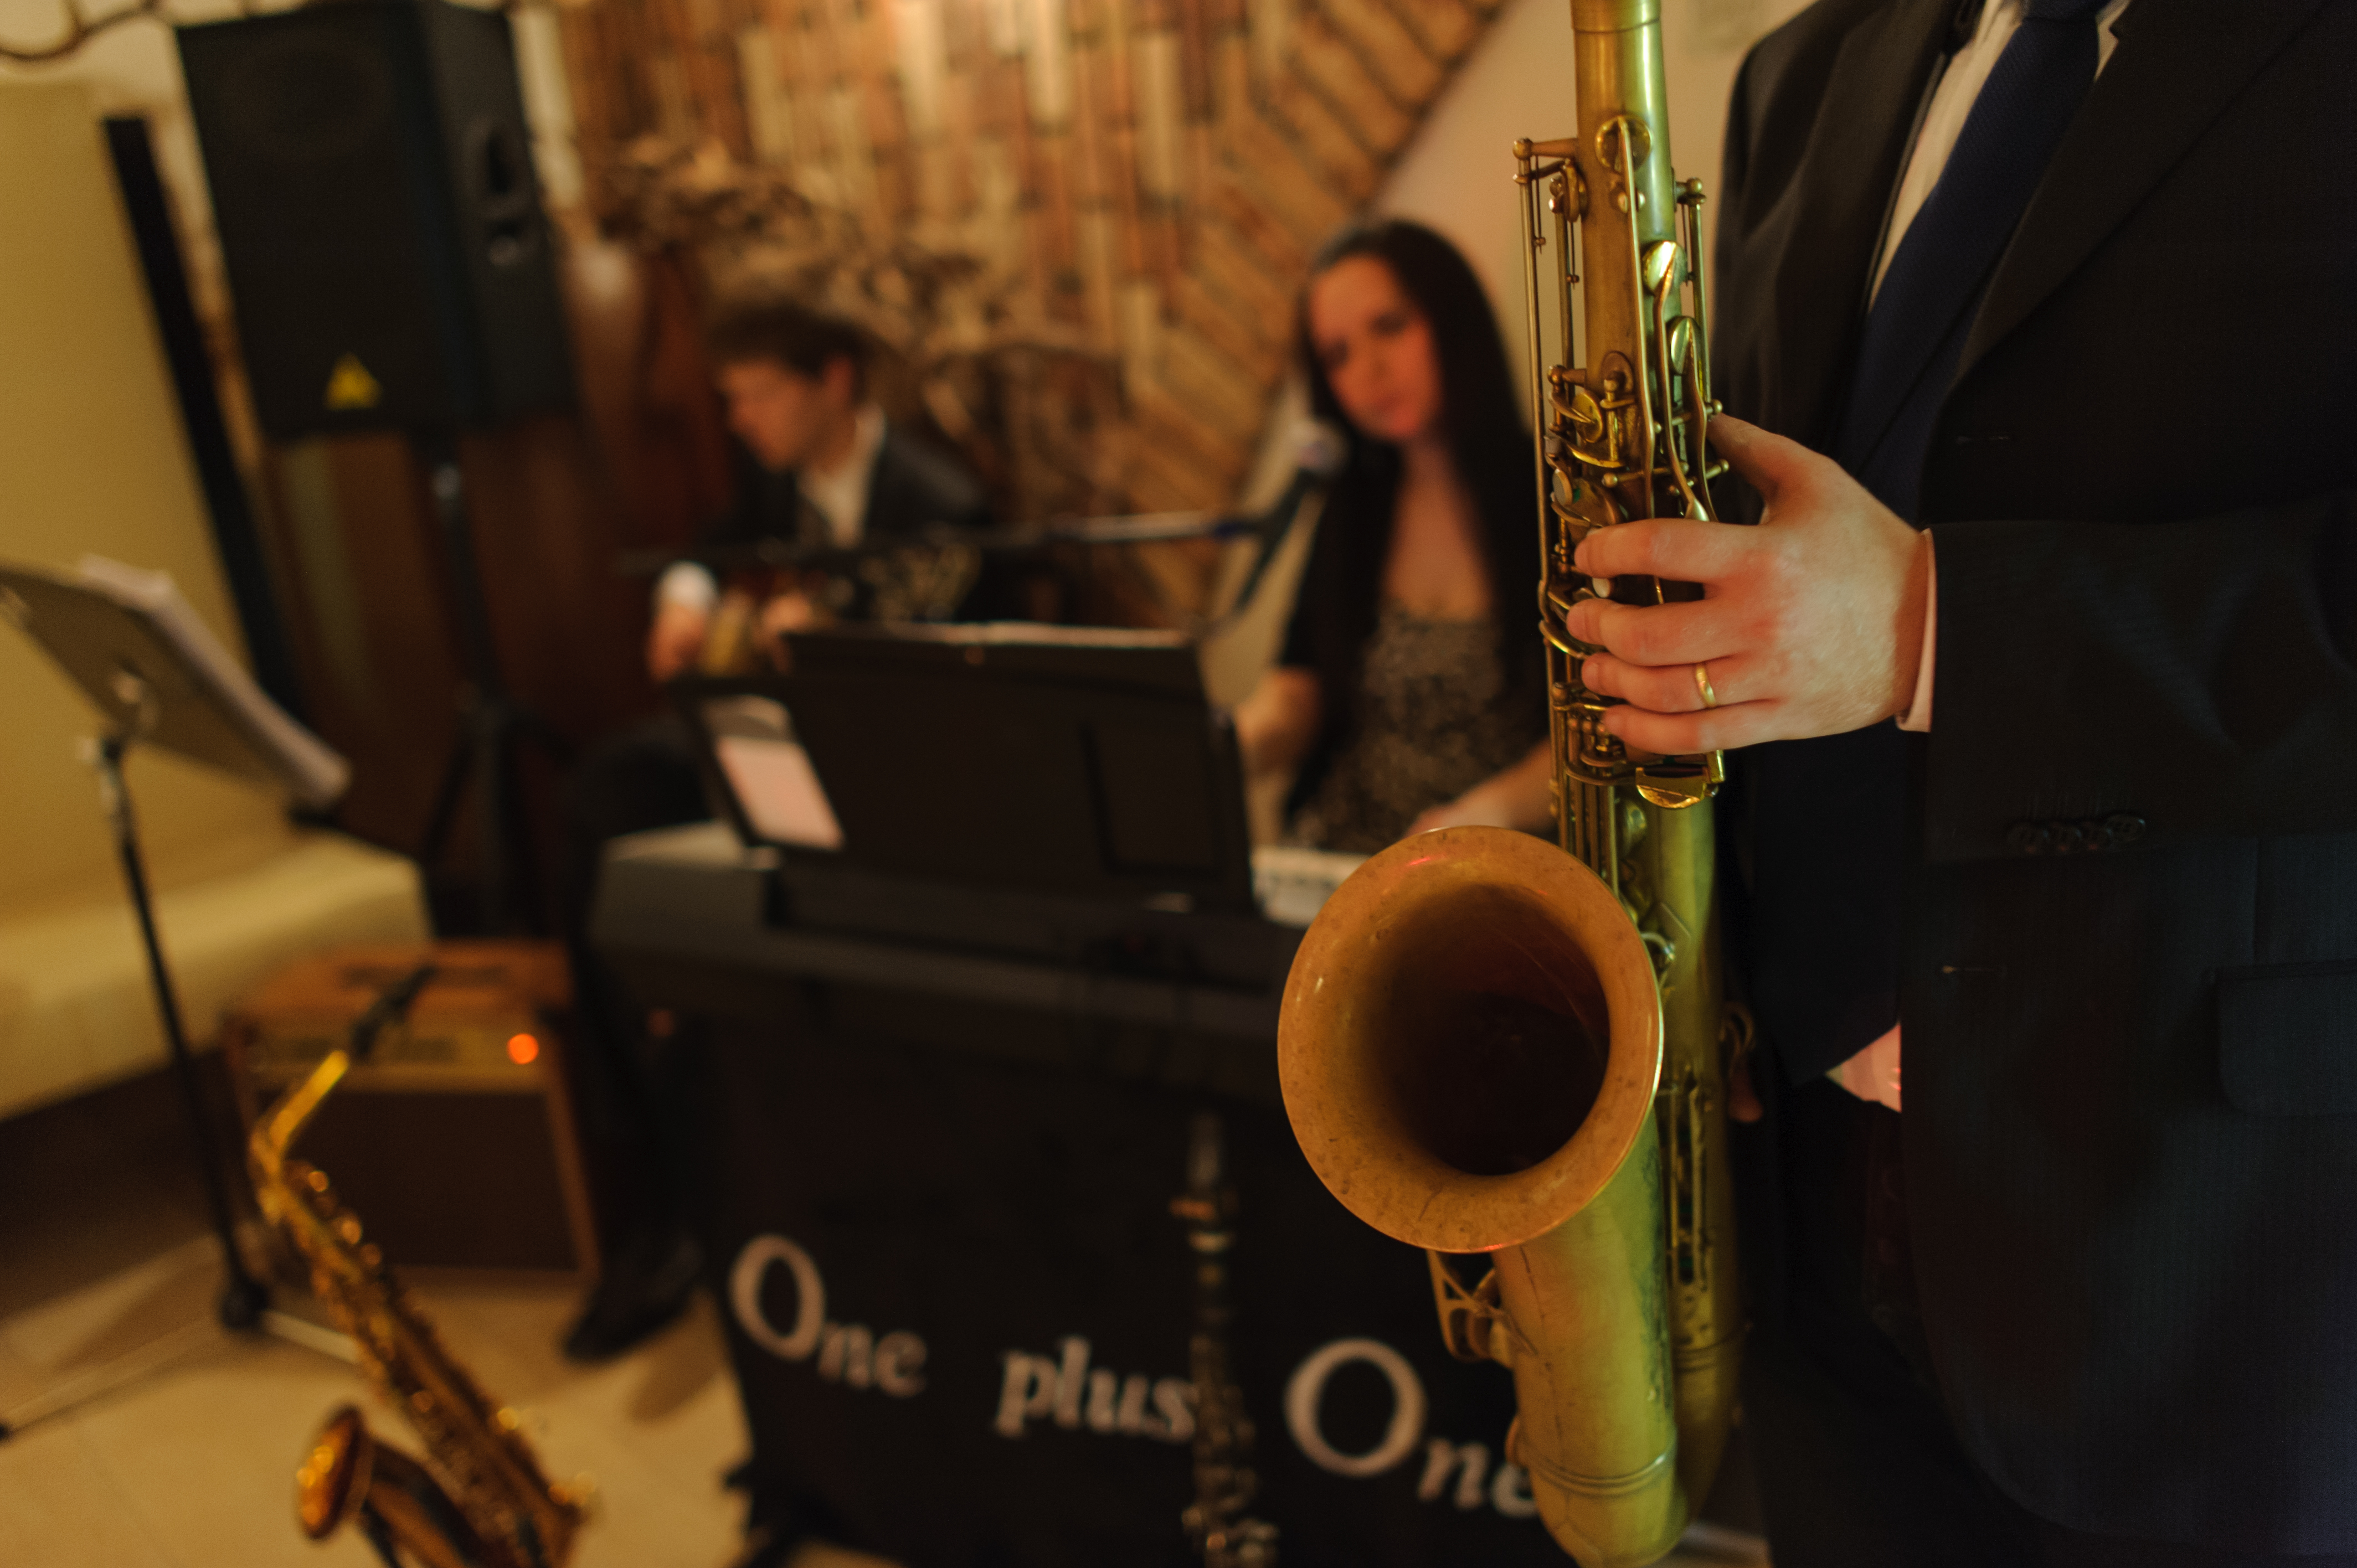 Swingová hudba - One Plus One